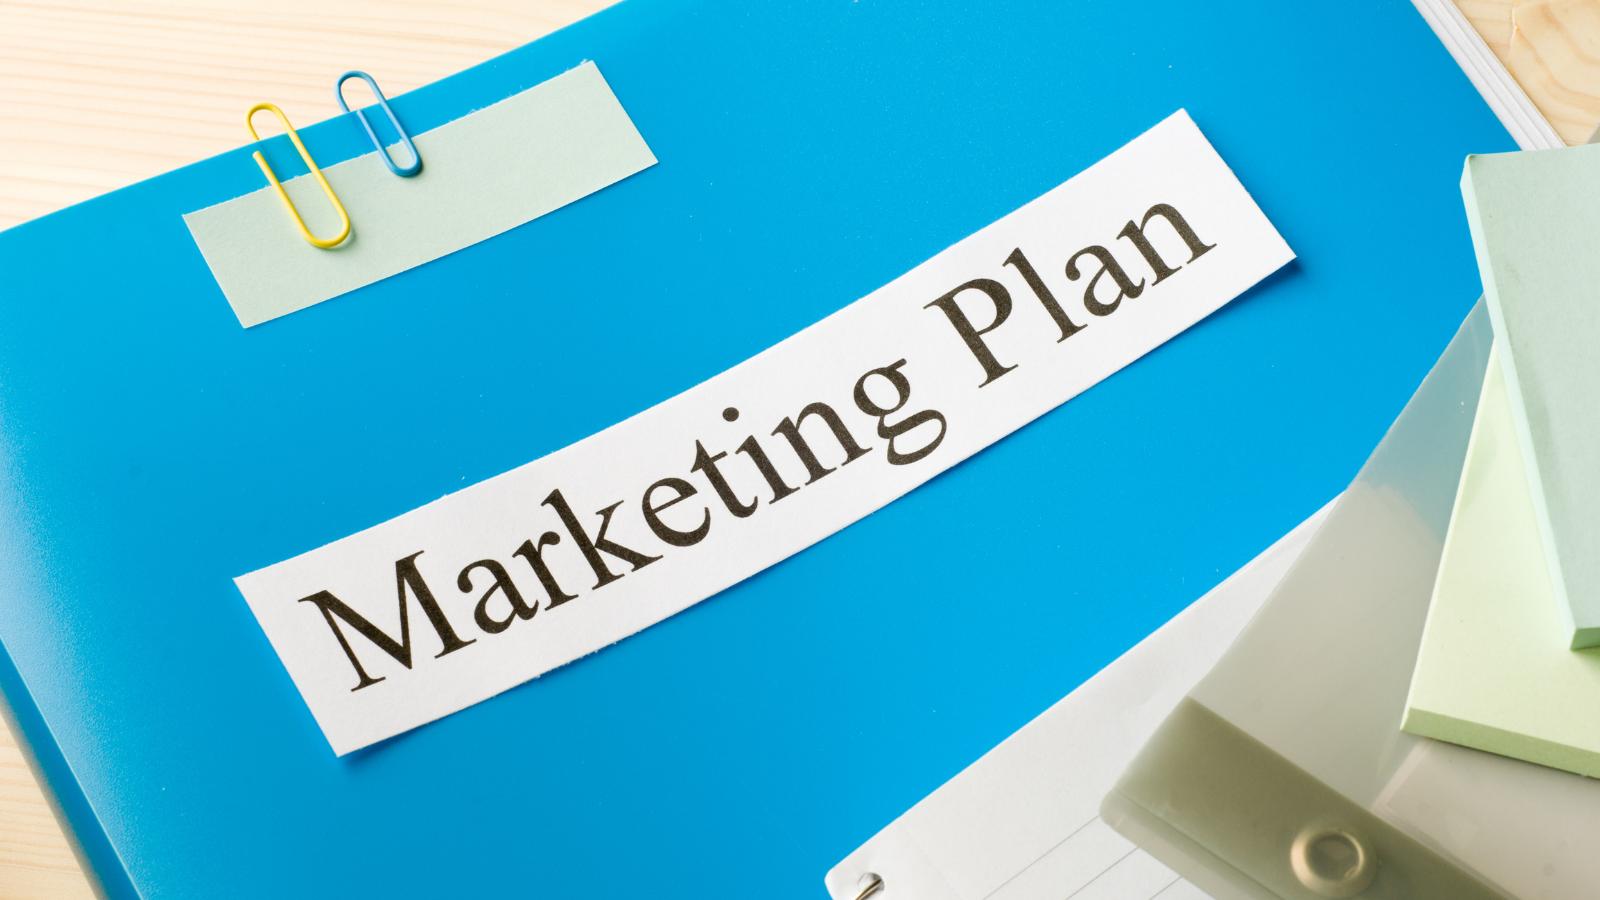 Q4 Marketing Strategy Inbound Marketing Tactics